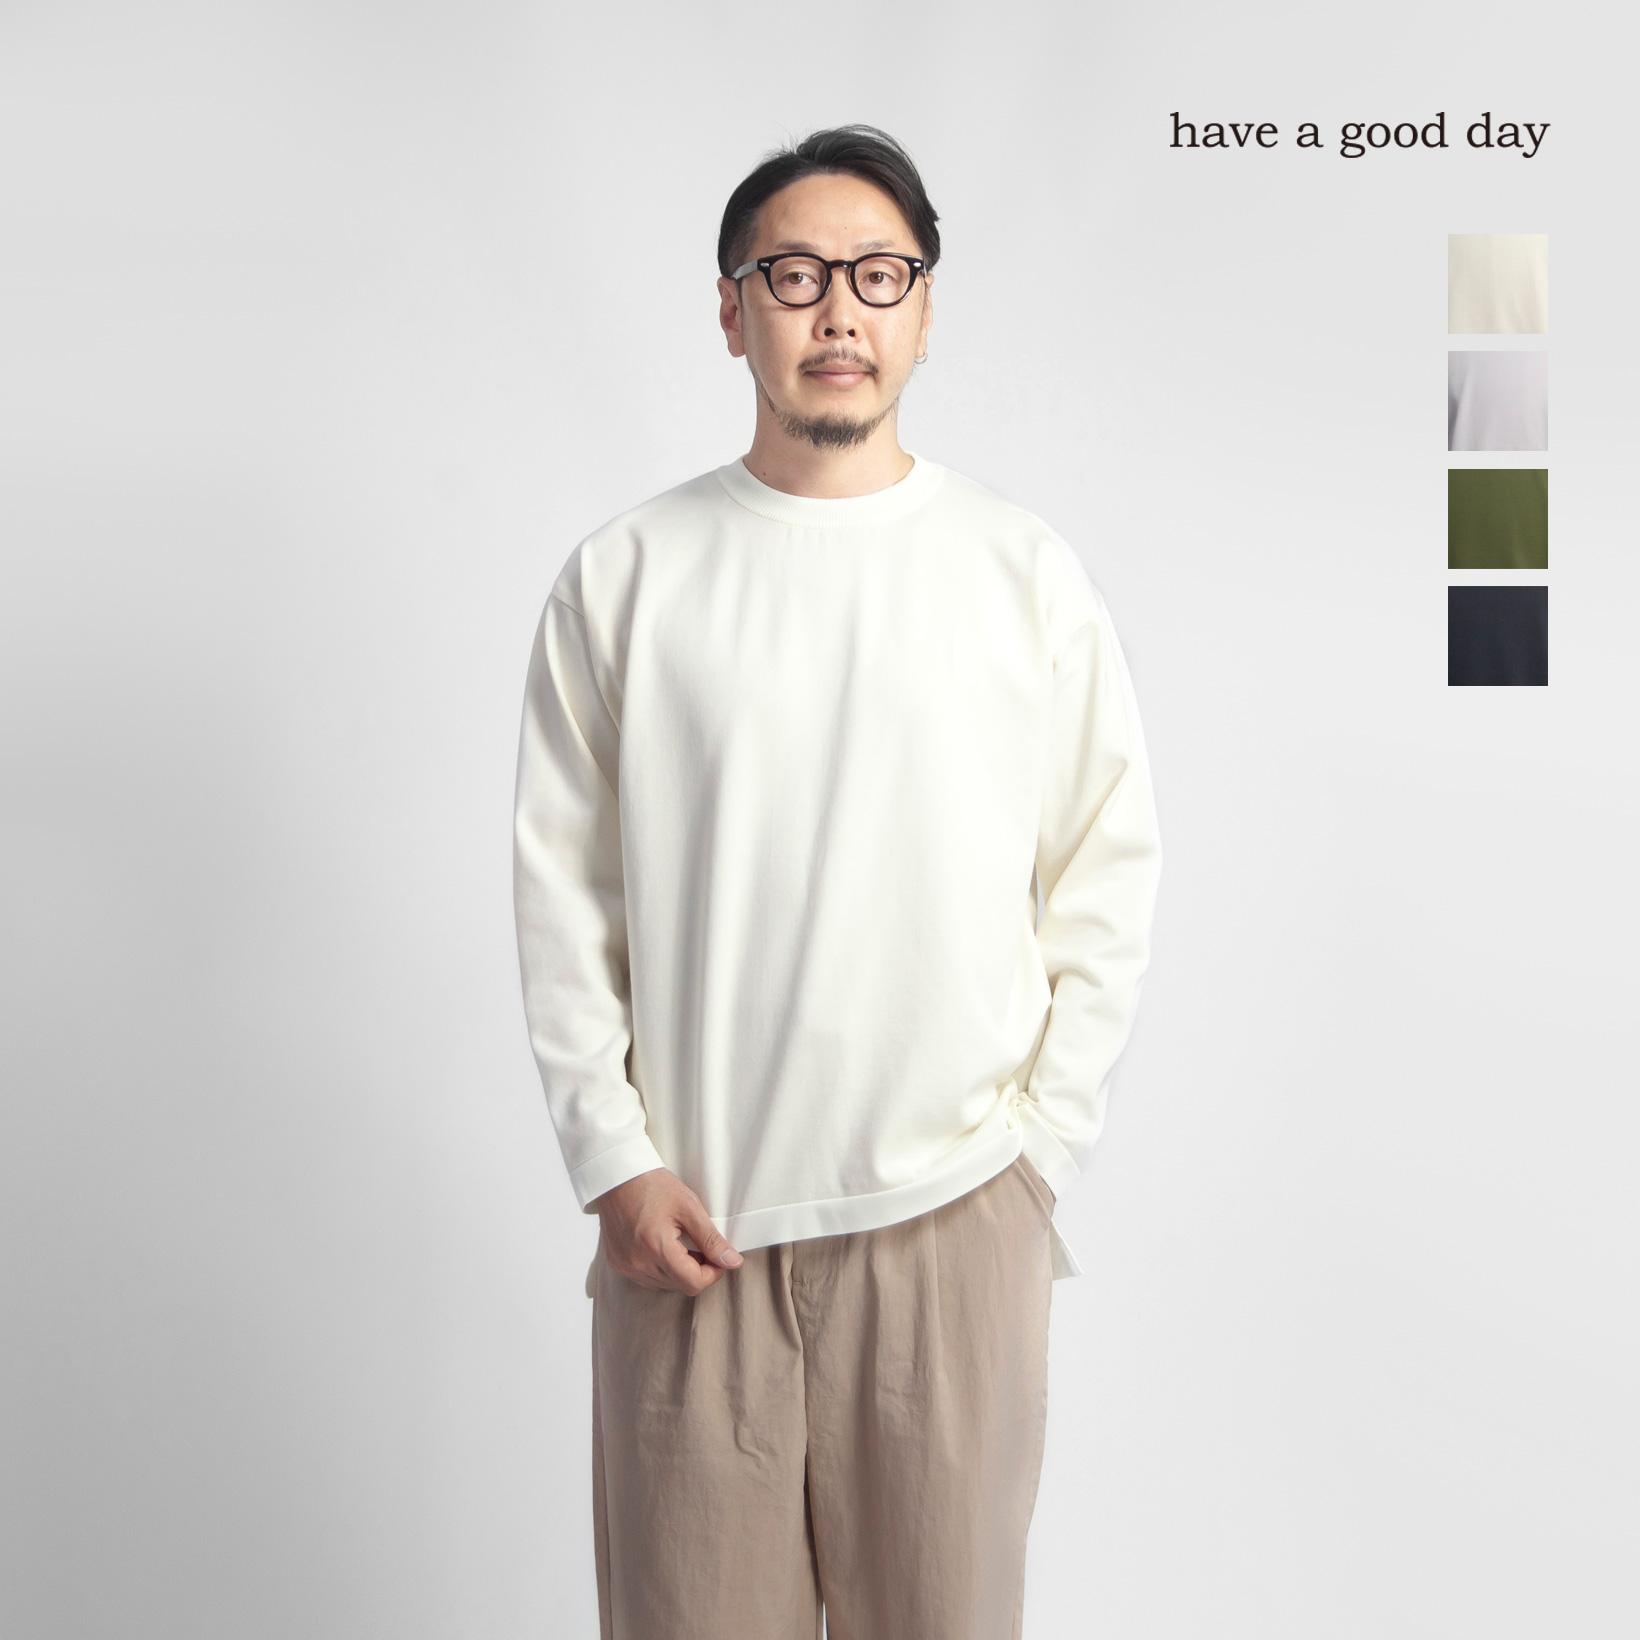 have a good day ハブアグッドデイ ウォータープルーフ プレーティングニット 日本製 メンズ